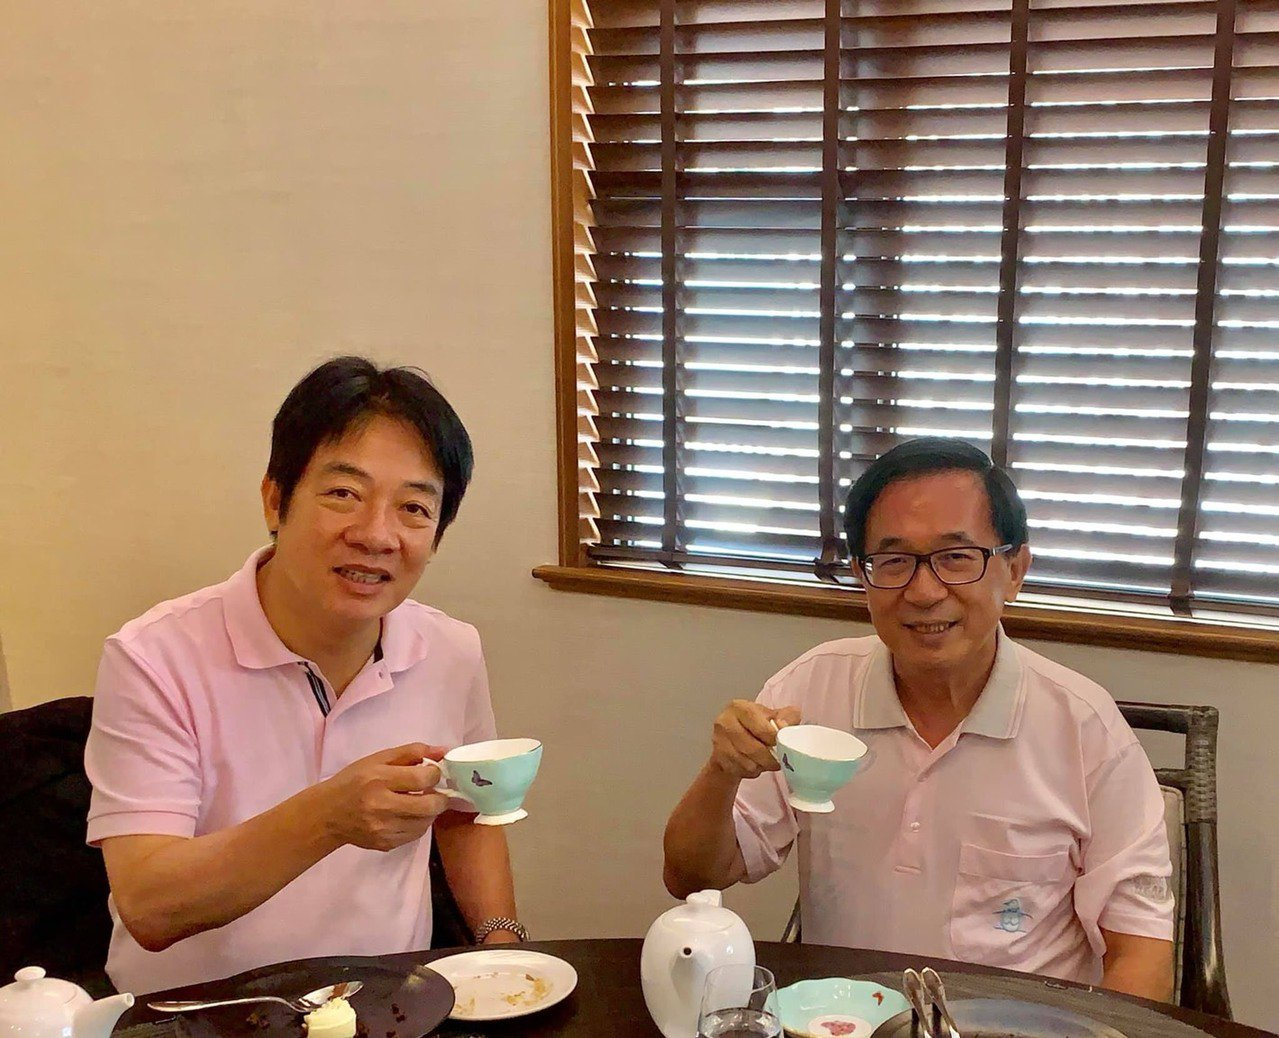 行政院前院長賴清德(左)與前總統陳水扁日前一起喝下午茶。對於「蔡賴配」即將成形,...